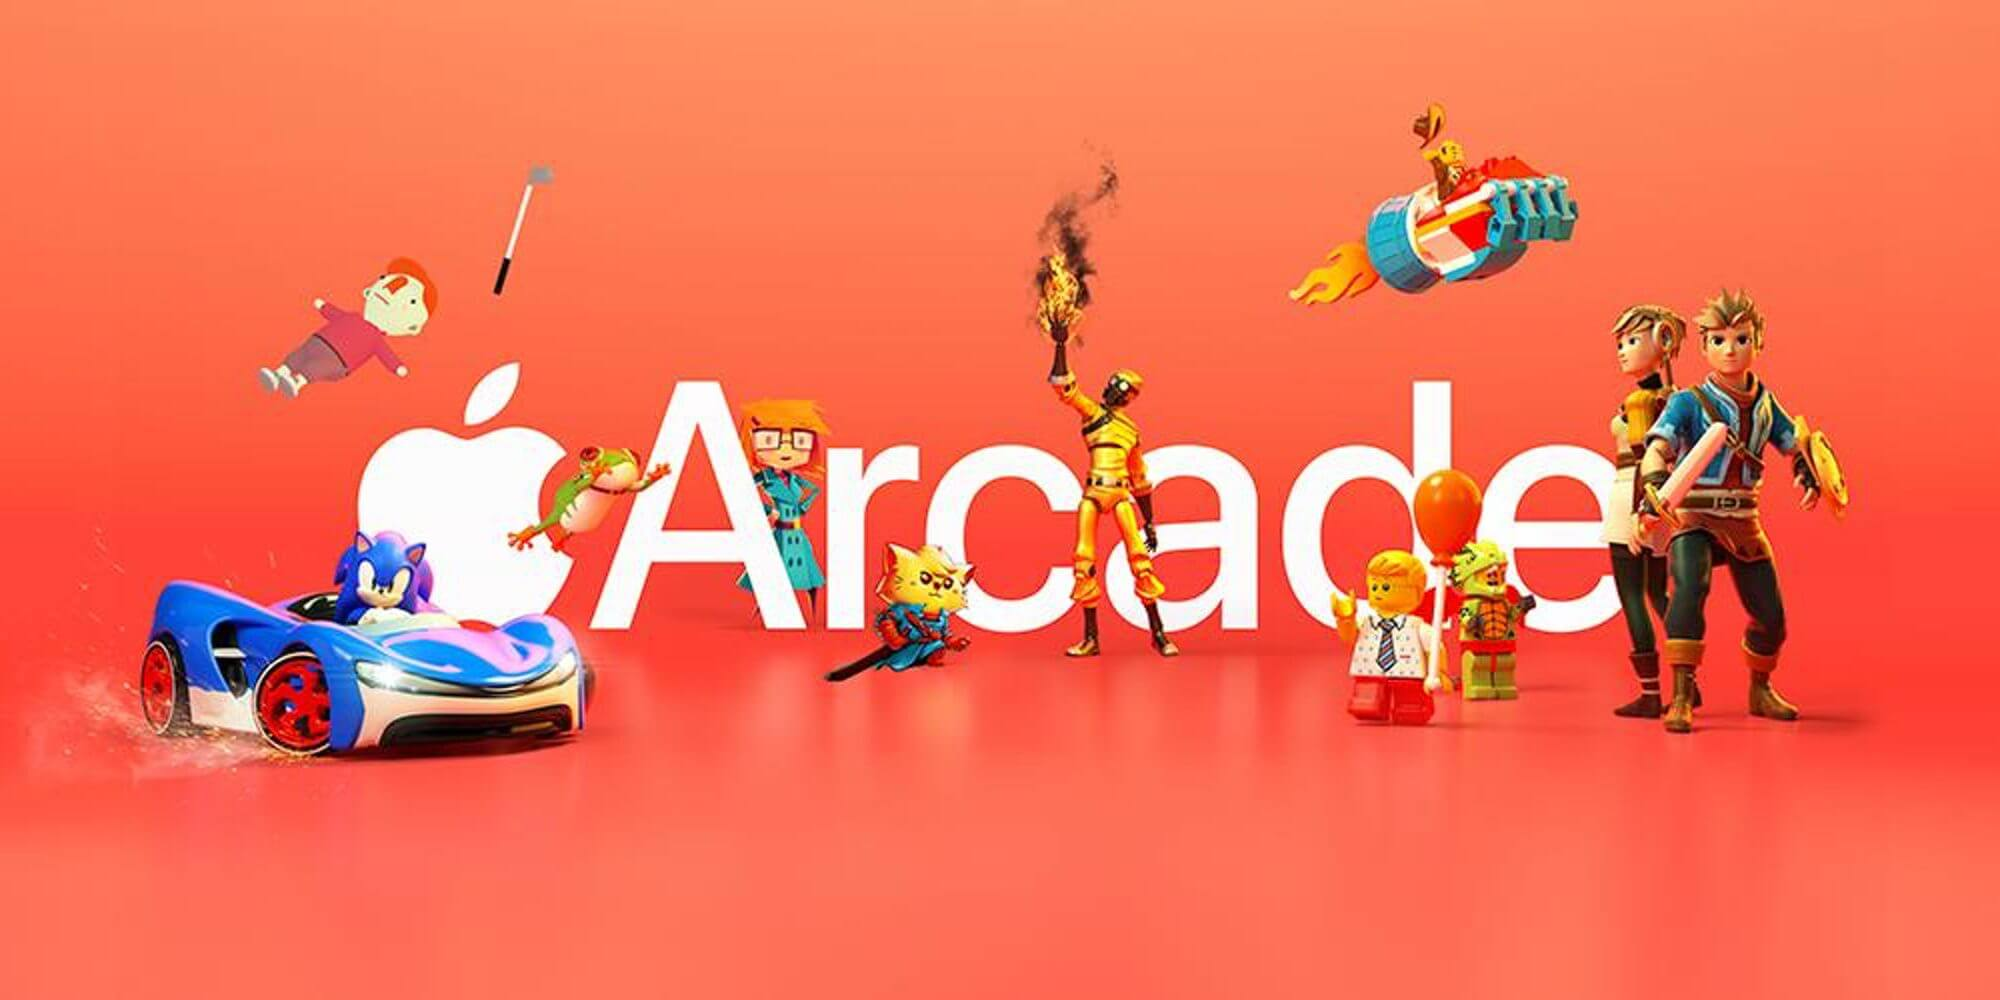 Разработчики Apple Arcade объясняют, как они создают платформу по мере развития стратегии Apple